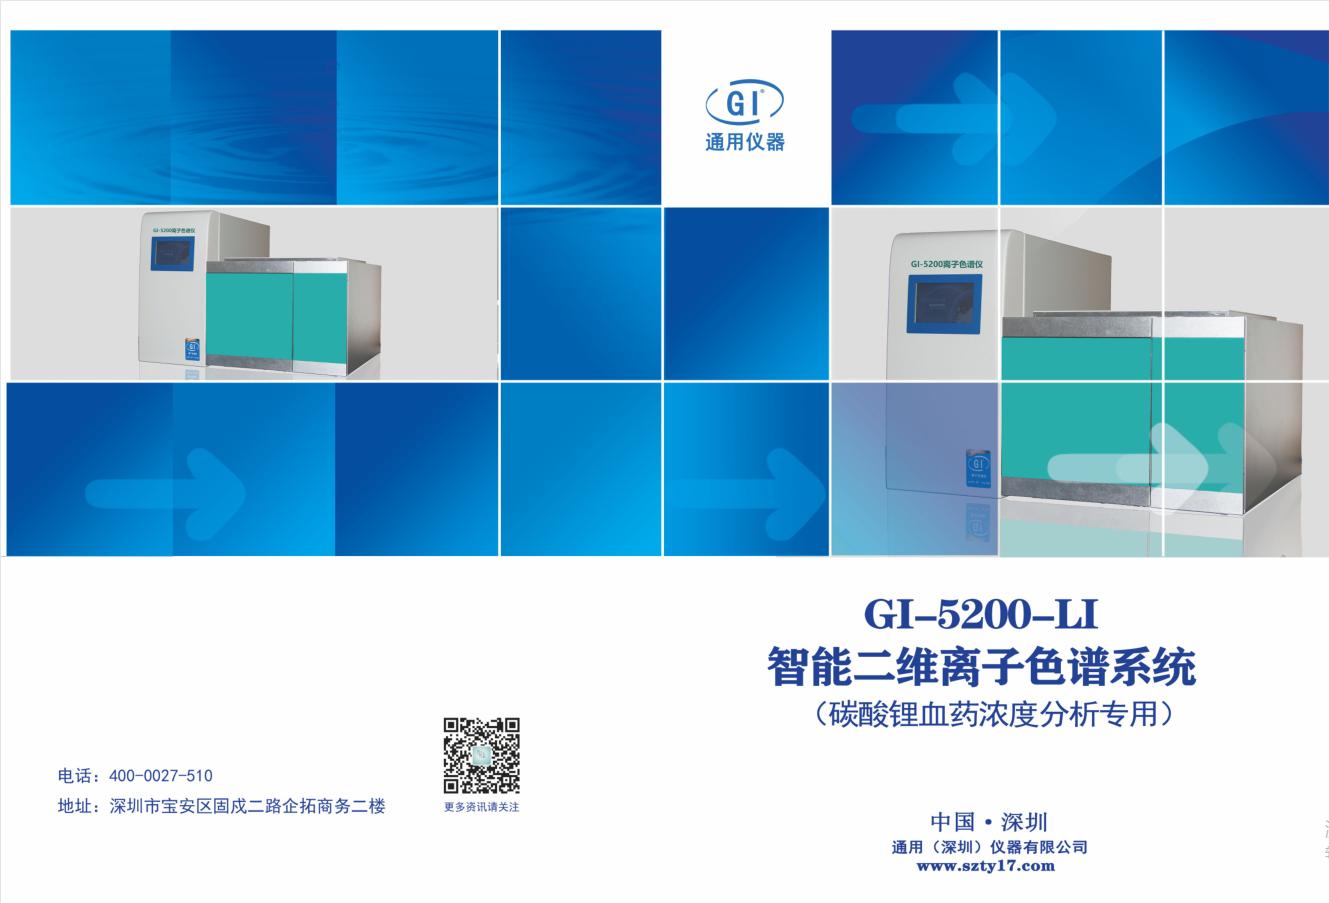 GI-3000-LI碳酸锂血药浓度检测仪画册